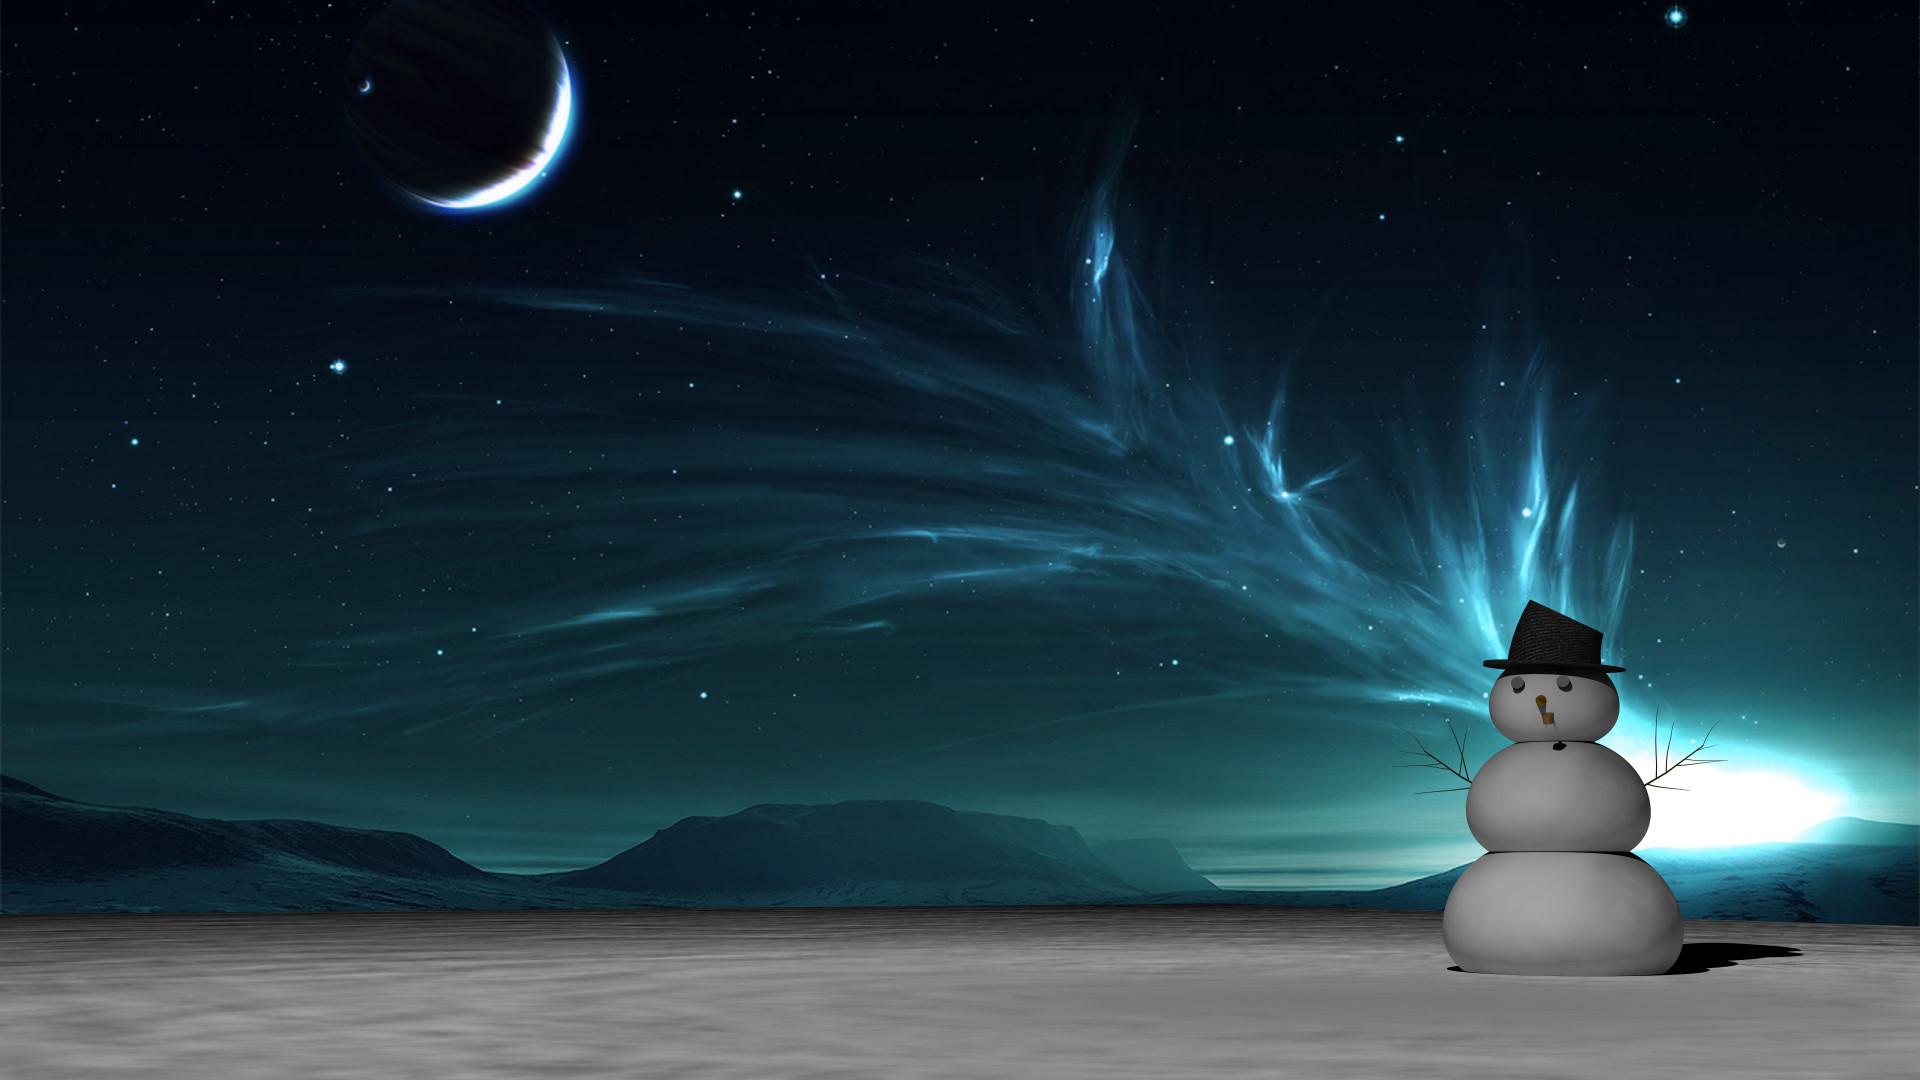 Snowman Desktop Wallpaper 183 '�